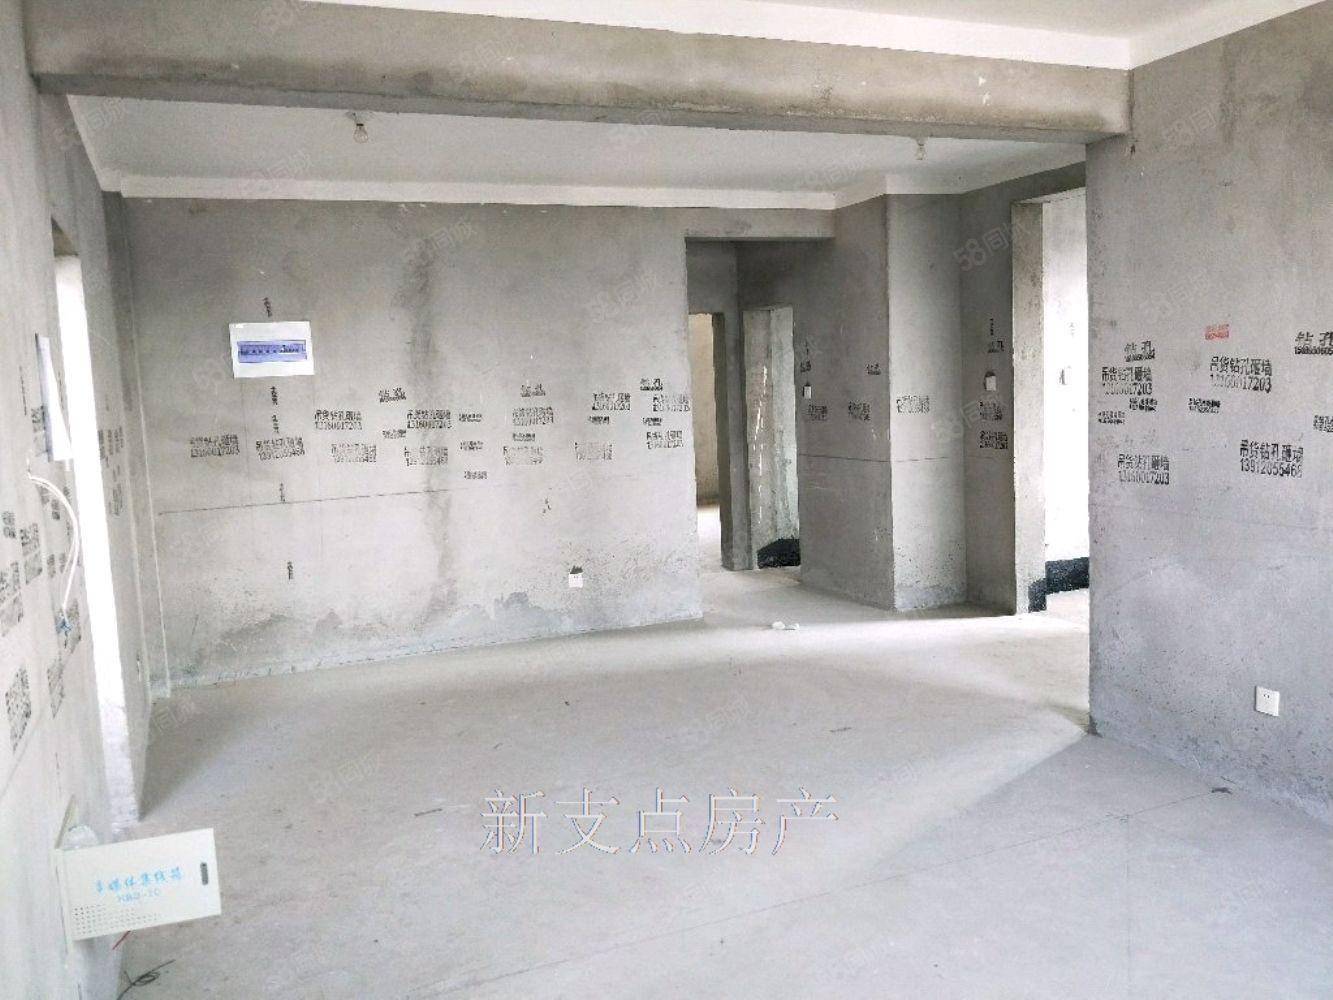 水岸花城3室毛坯114平75万楼层好可贷款